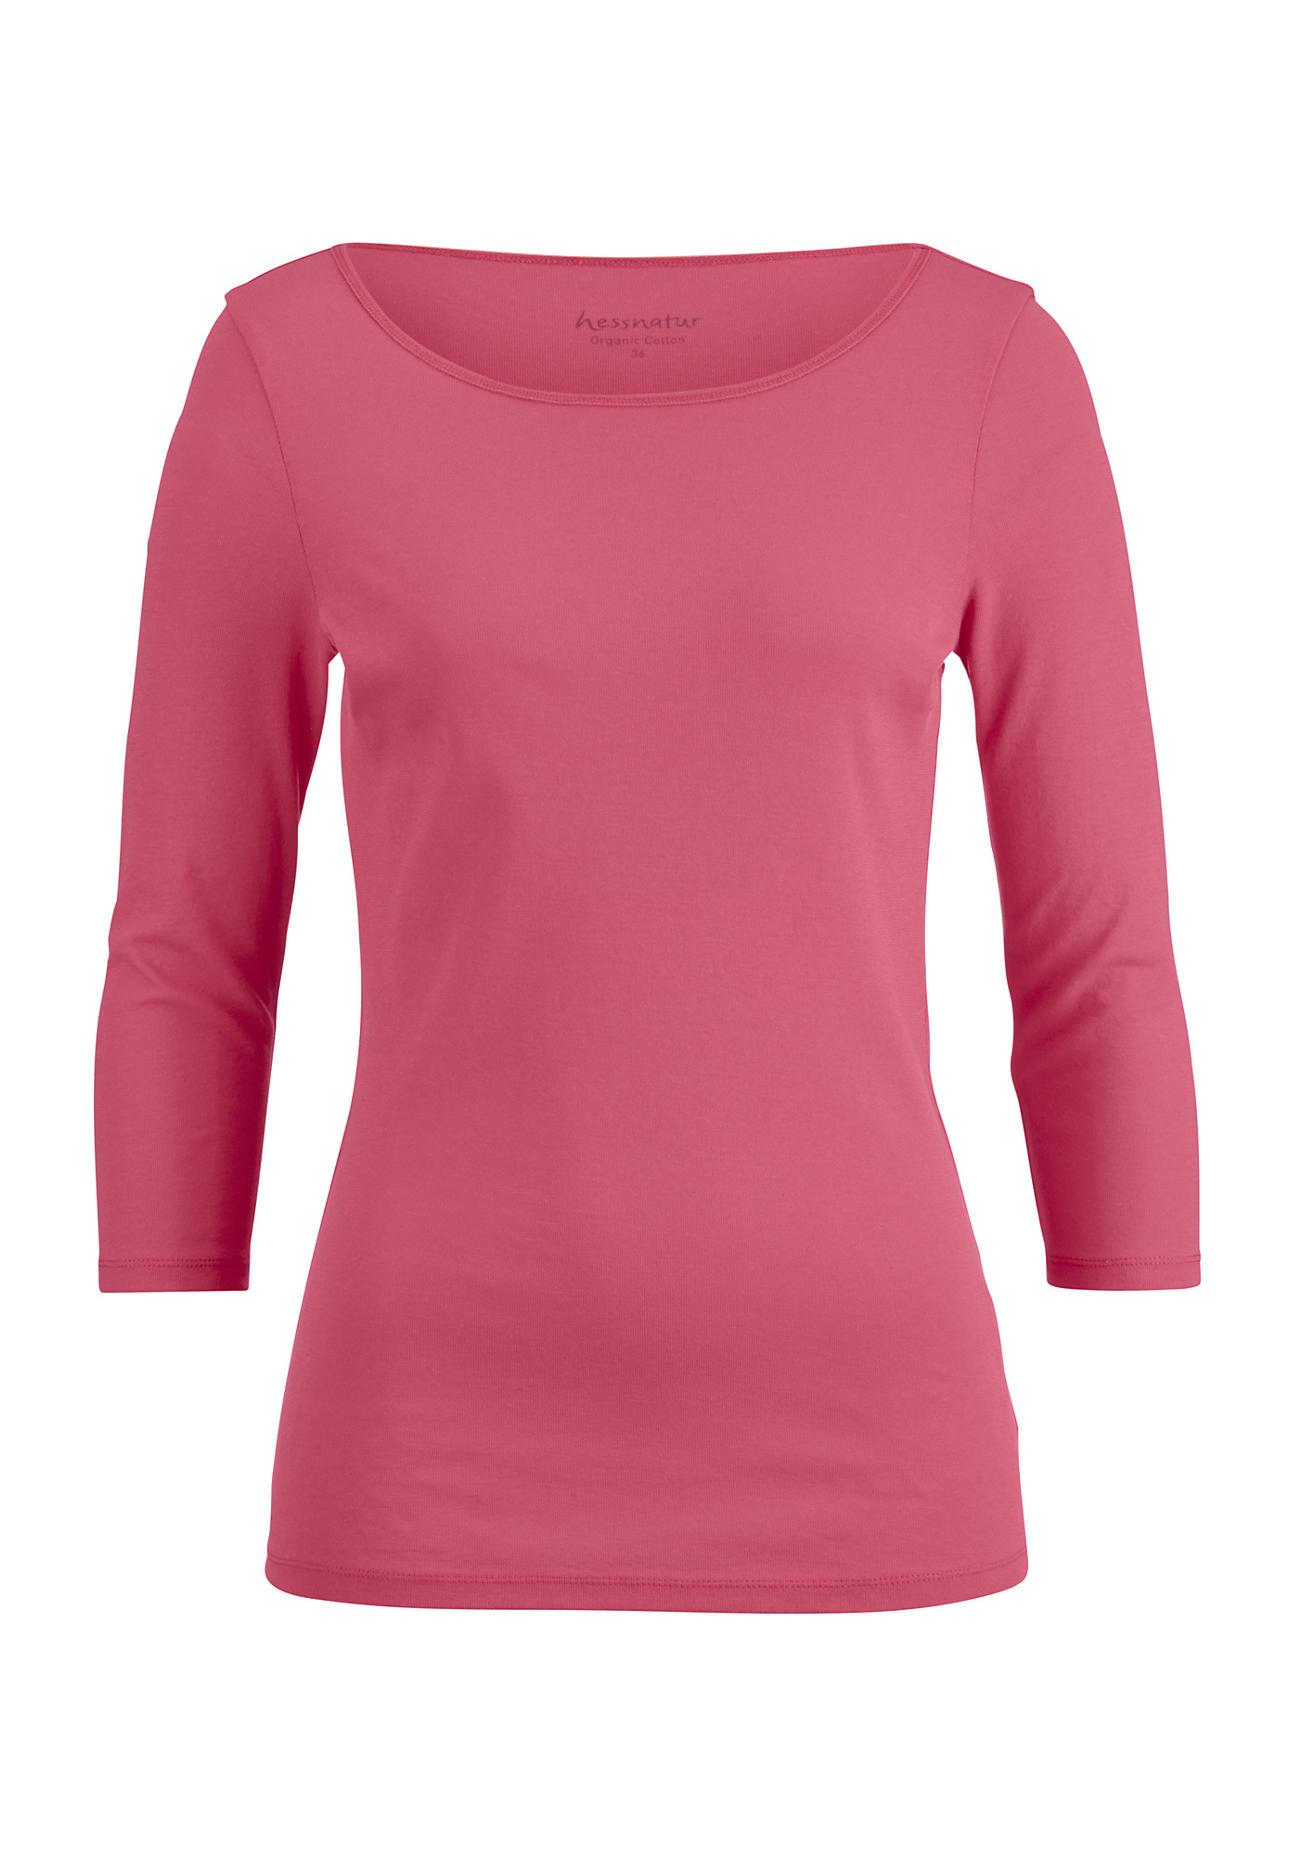 hessnatur -  Damen Shirt aus Bio-Baumwolle – rot – Größe 46